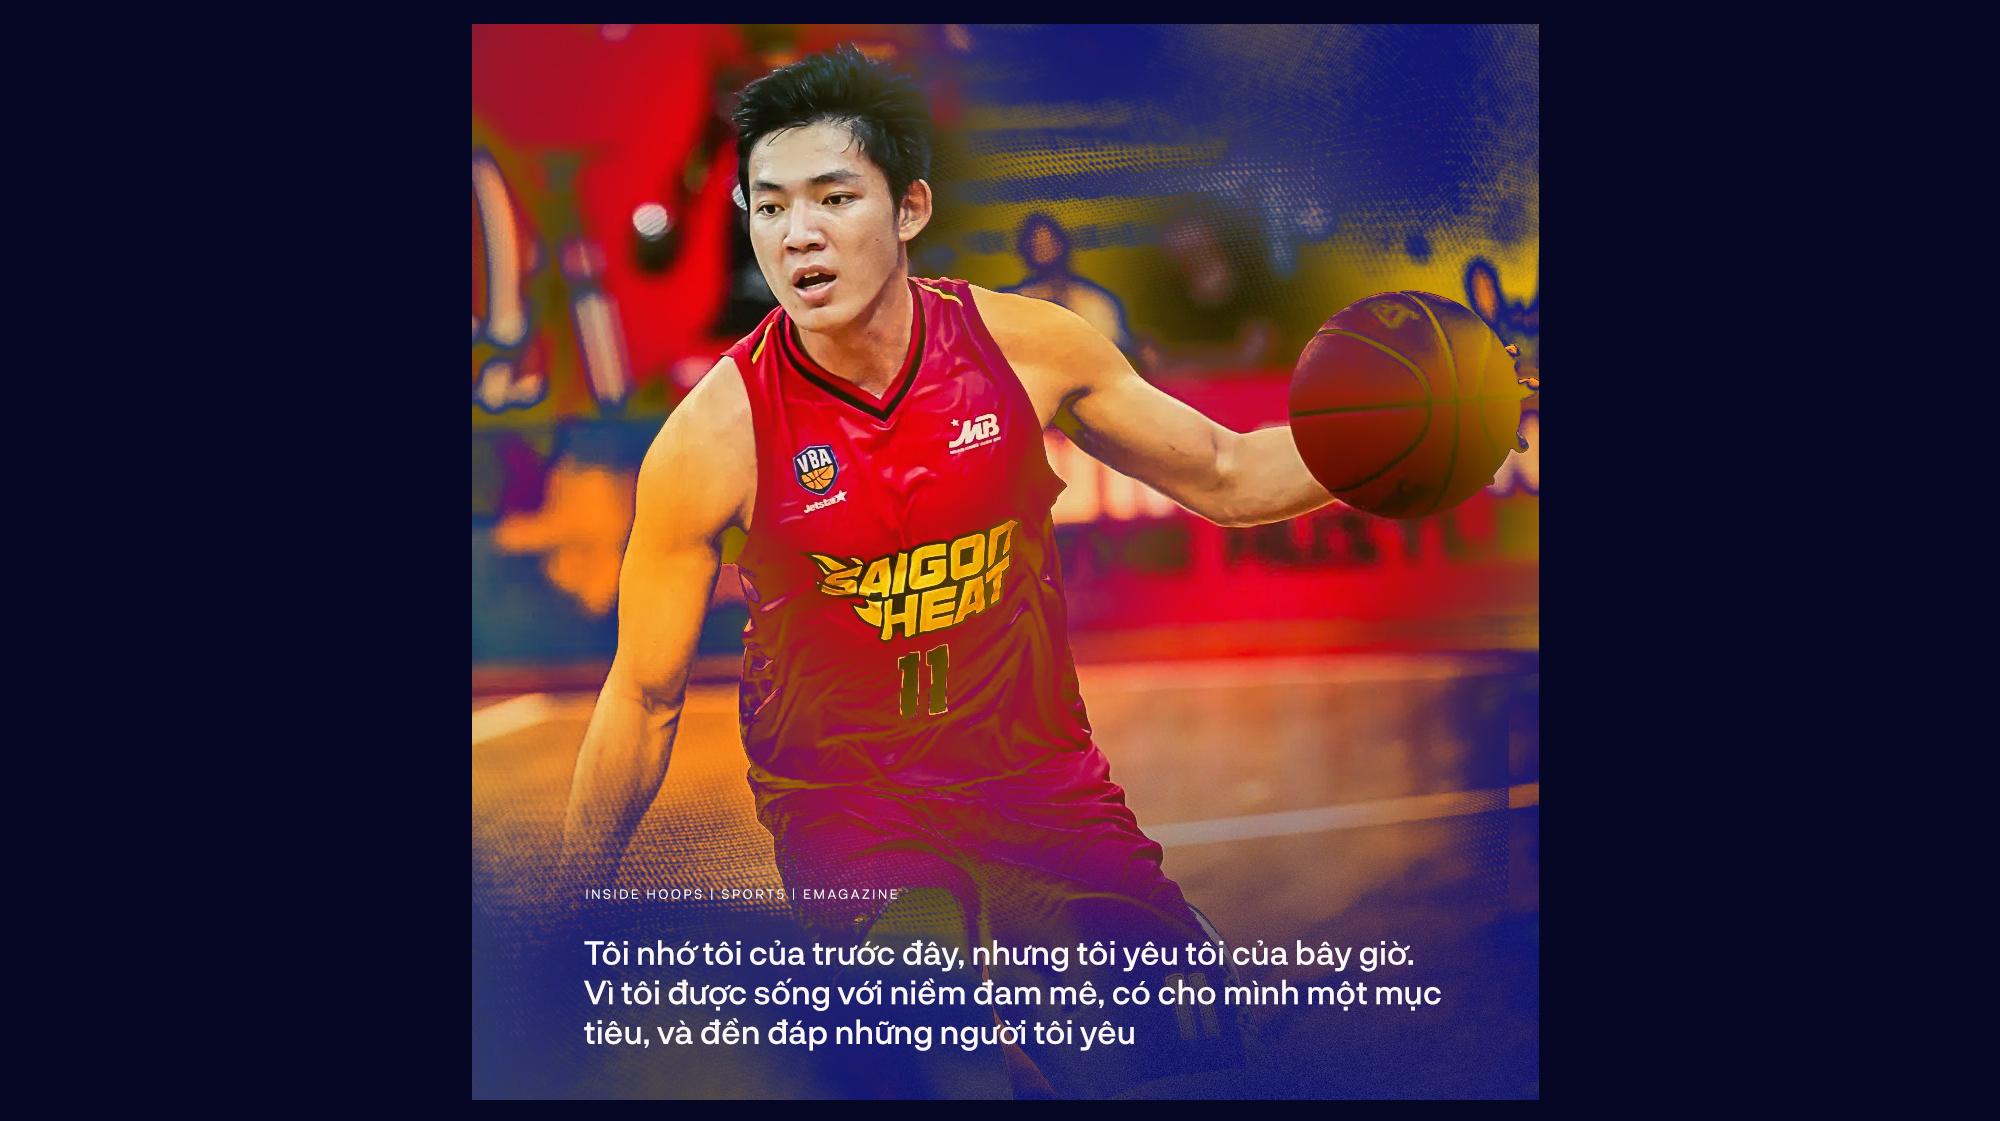 Võ Kim Bản và hành trình từ thằng nhóc quậy phá, ham chơi đến ngôi sao bóng rổ - Ảnh 11.